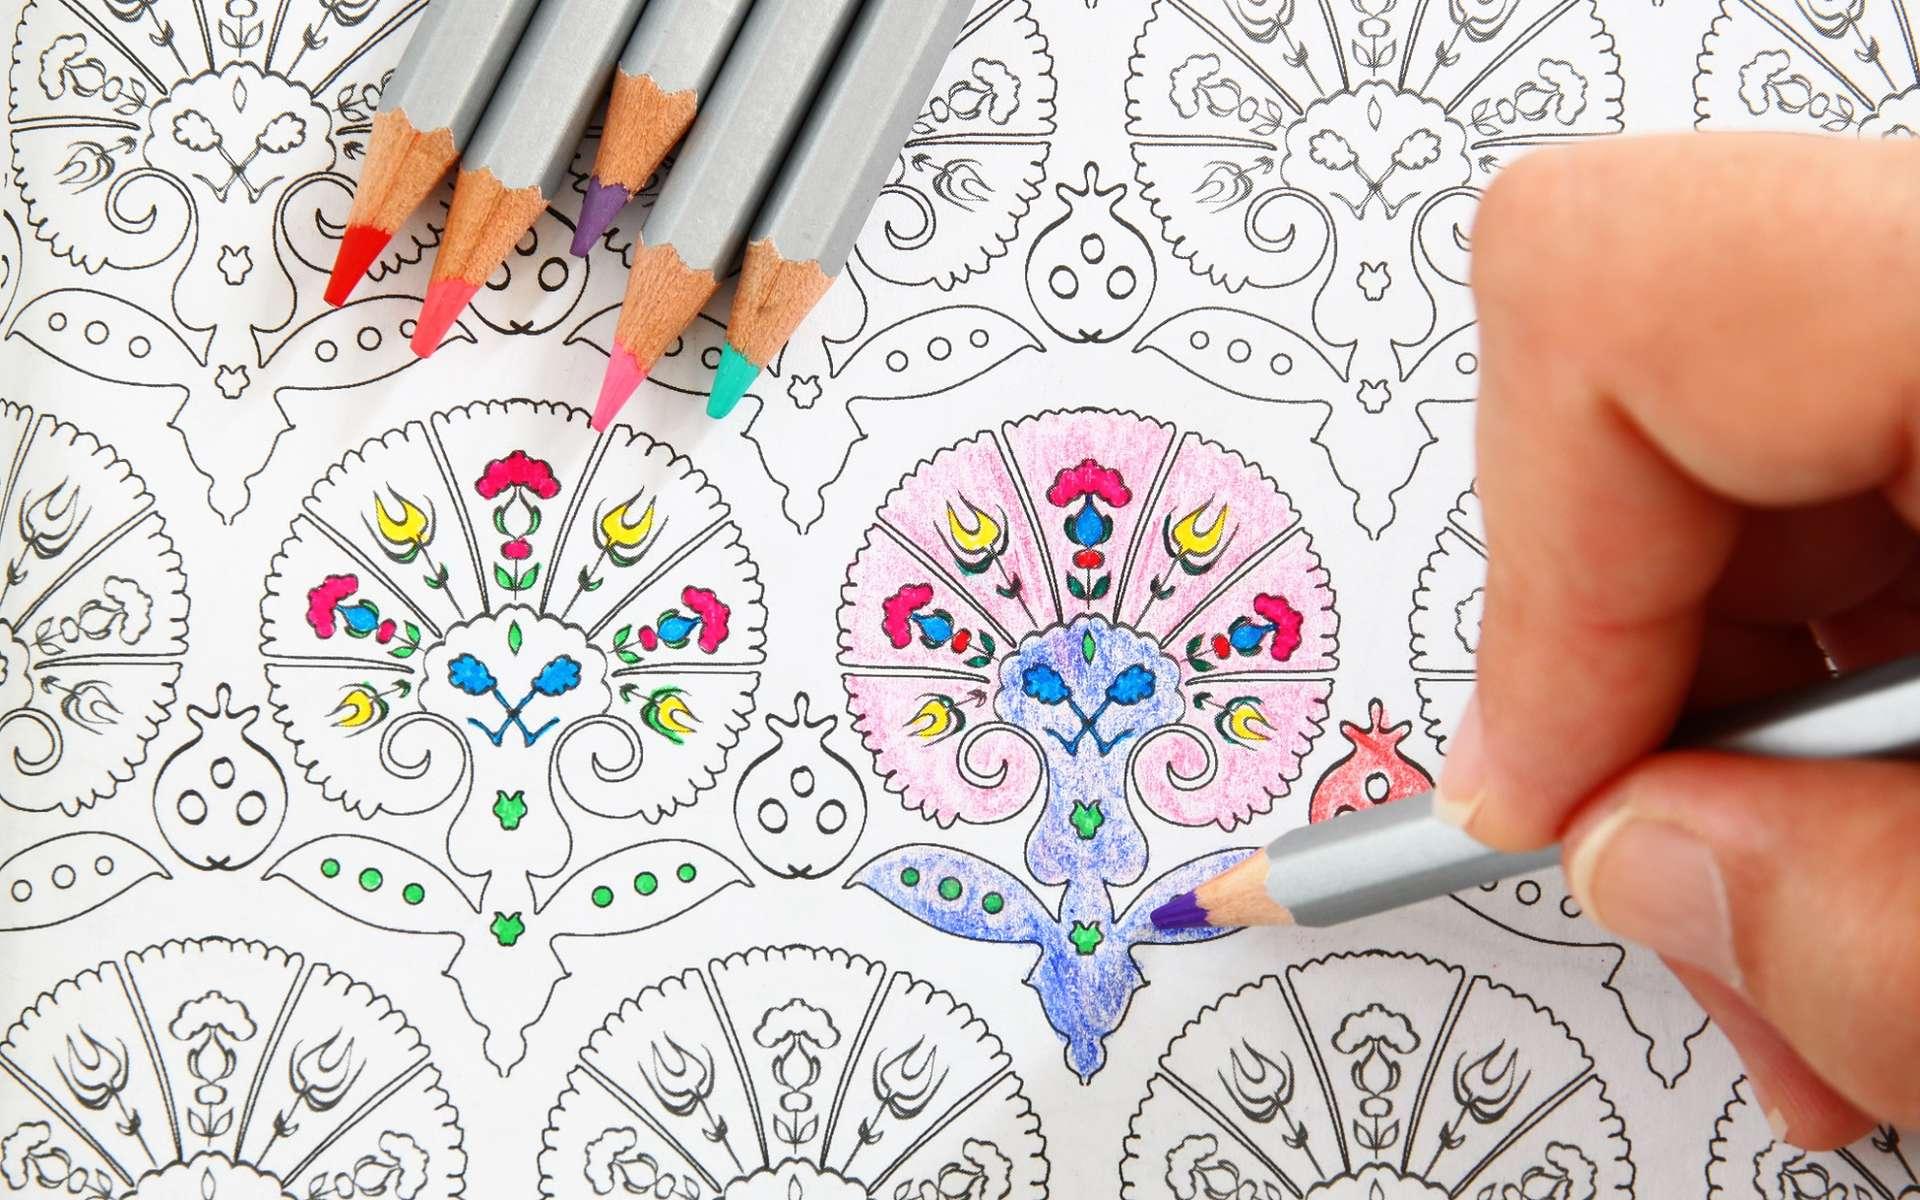 Les coloriages mandalas sont à la mode. Ils auraient un effet apaisant. © tomertu, Shutterstock